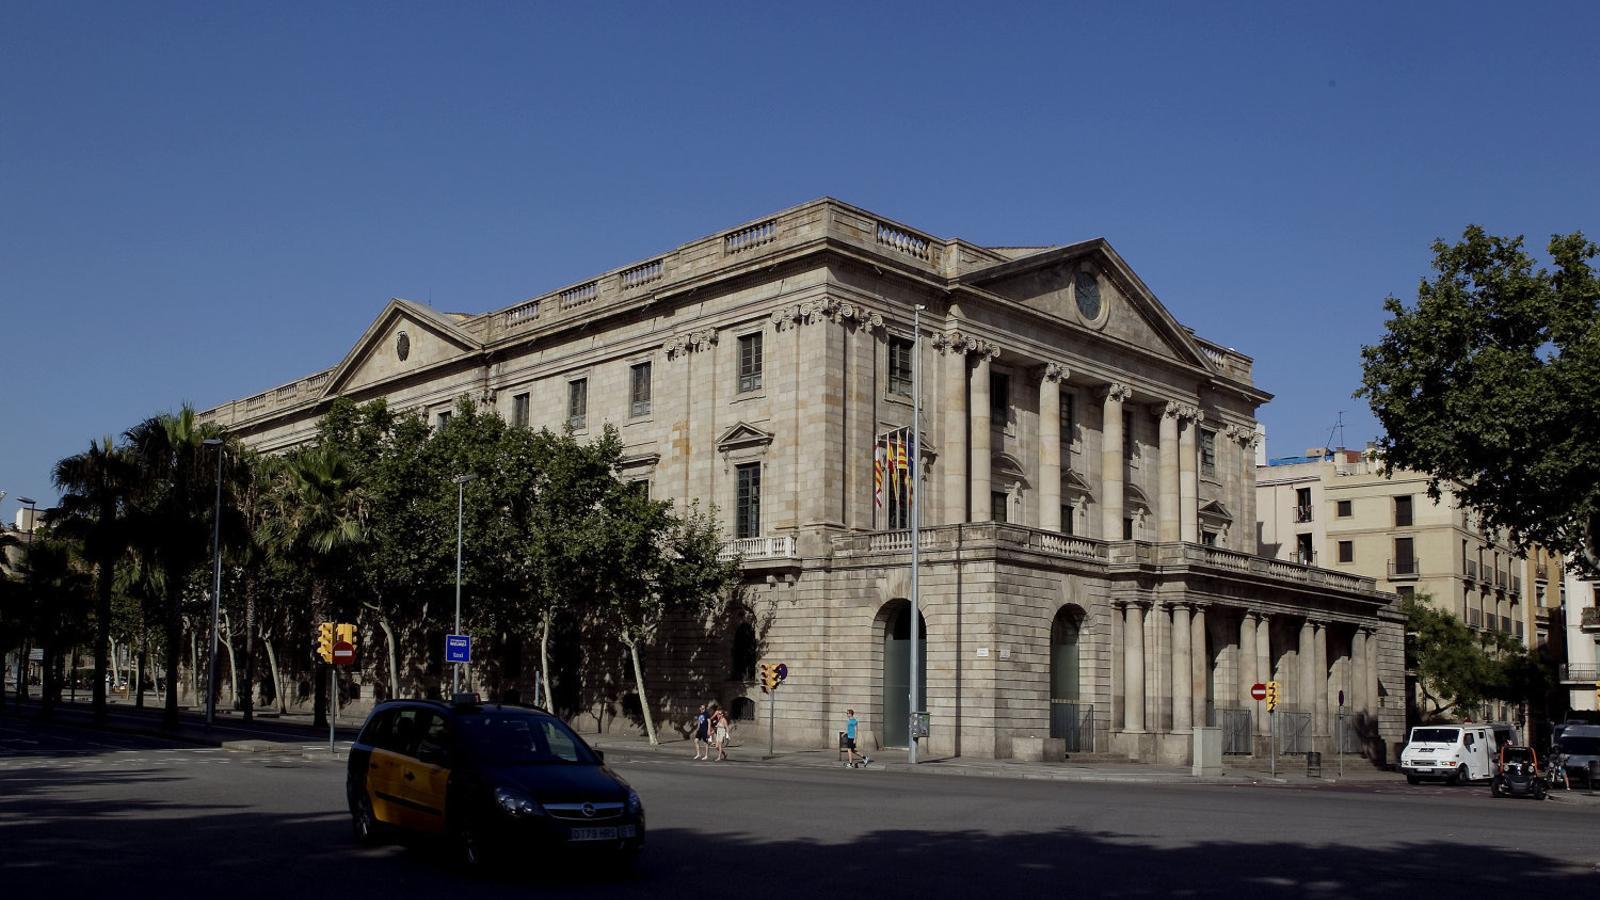 L'edifici de la Llotja de Mar és on es va fundar la Cambra de Comerç de Barcelona, l'any 1886.